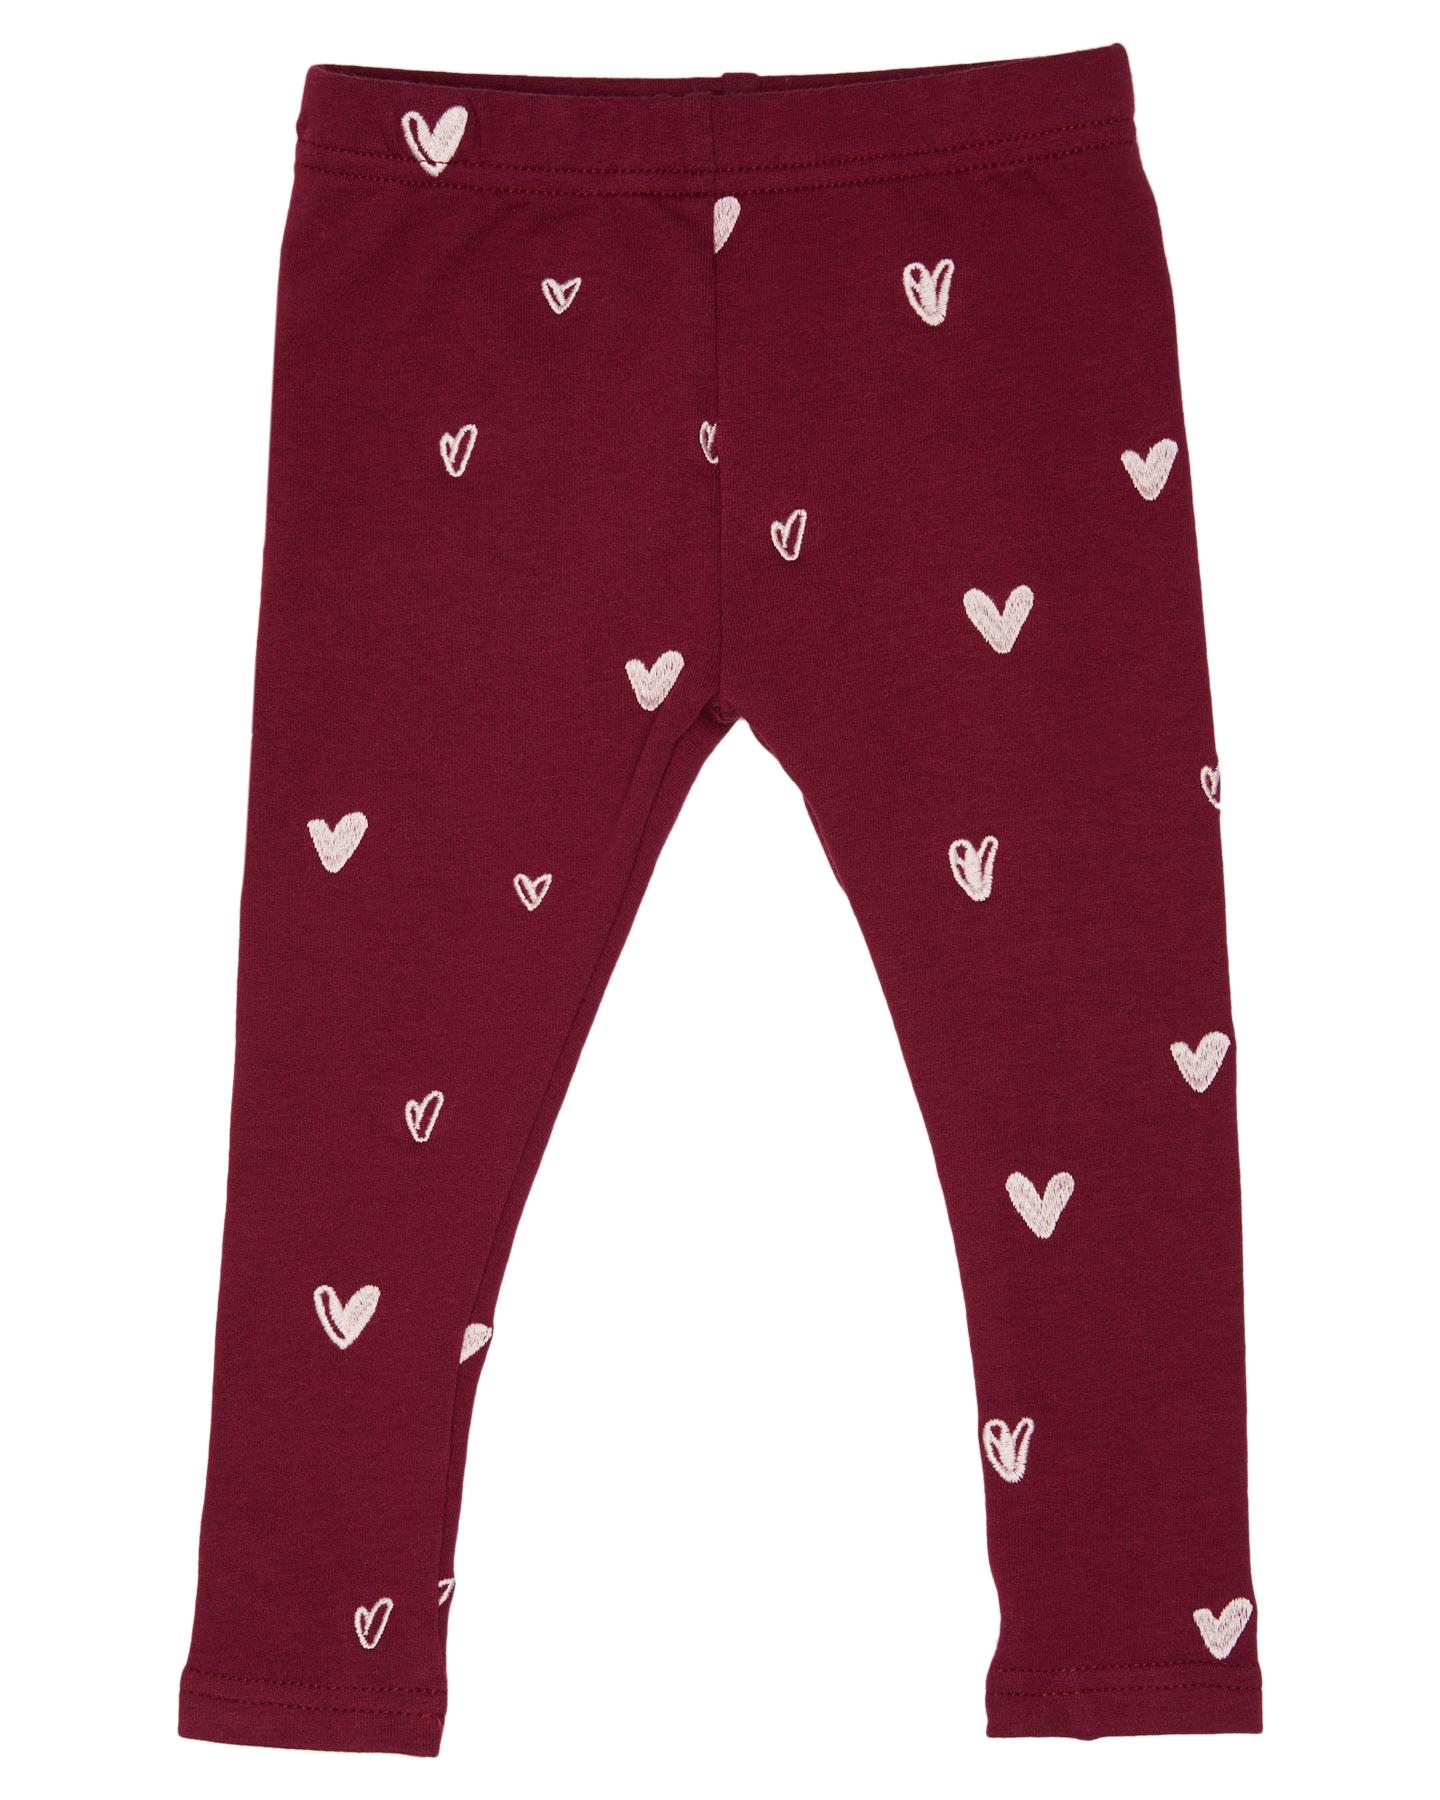 Kissed By Radicool Girls Heart Legging Kids Heart Heart